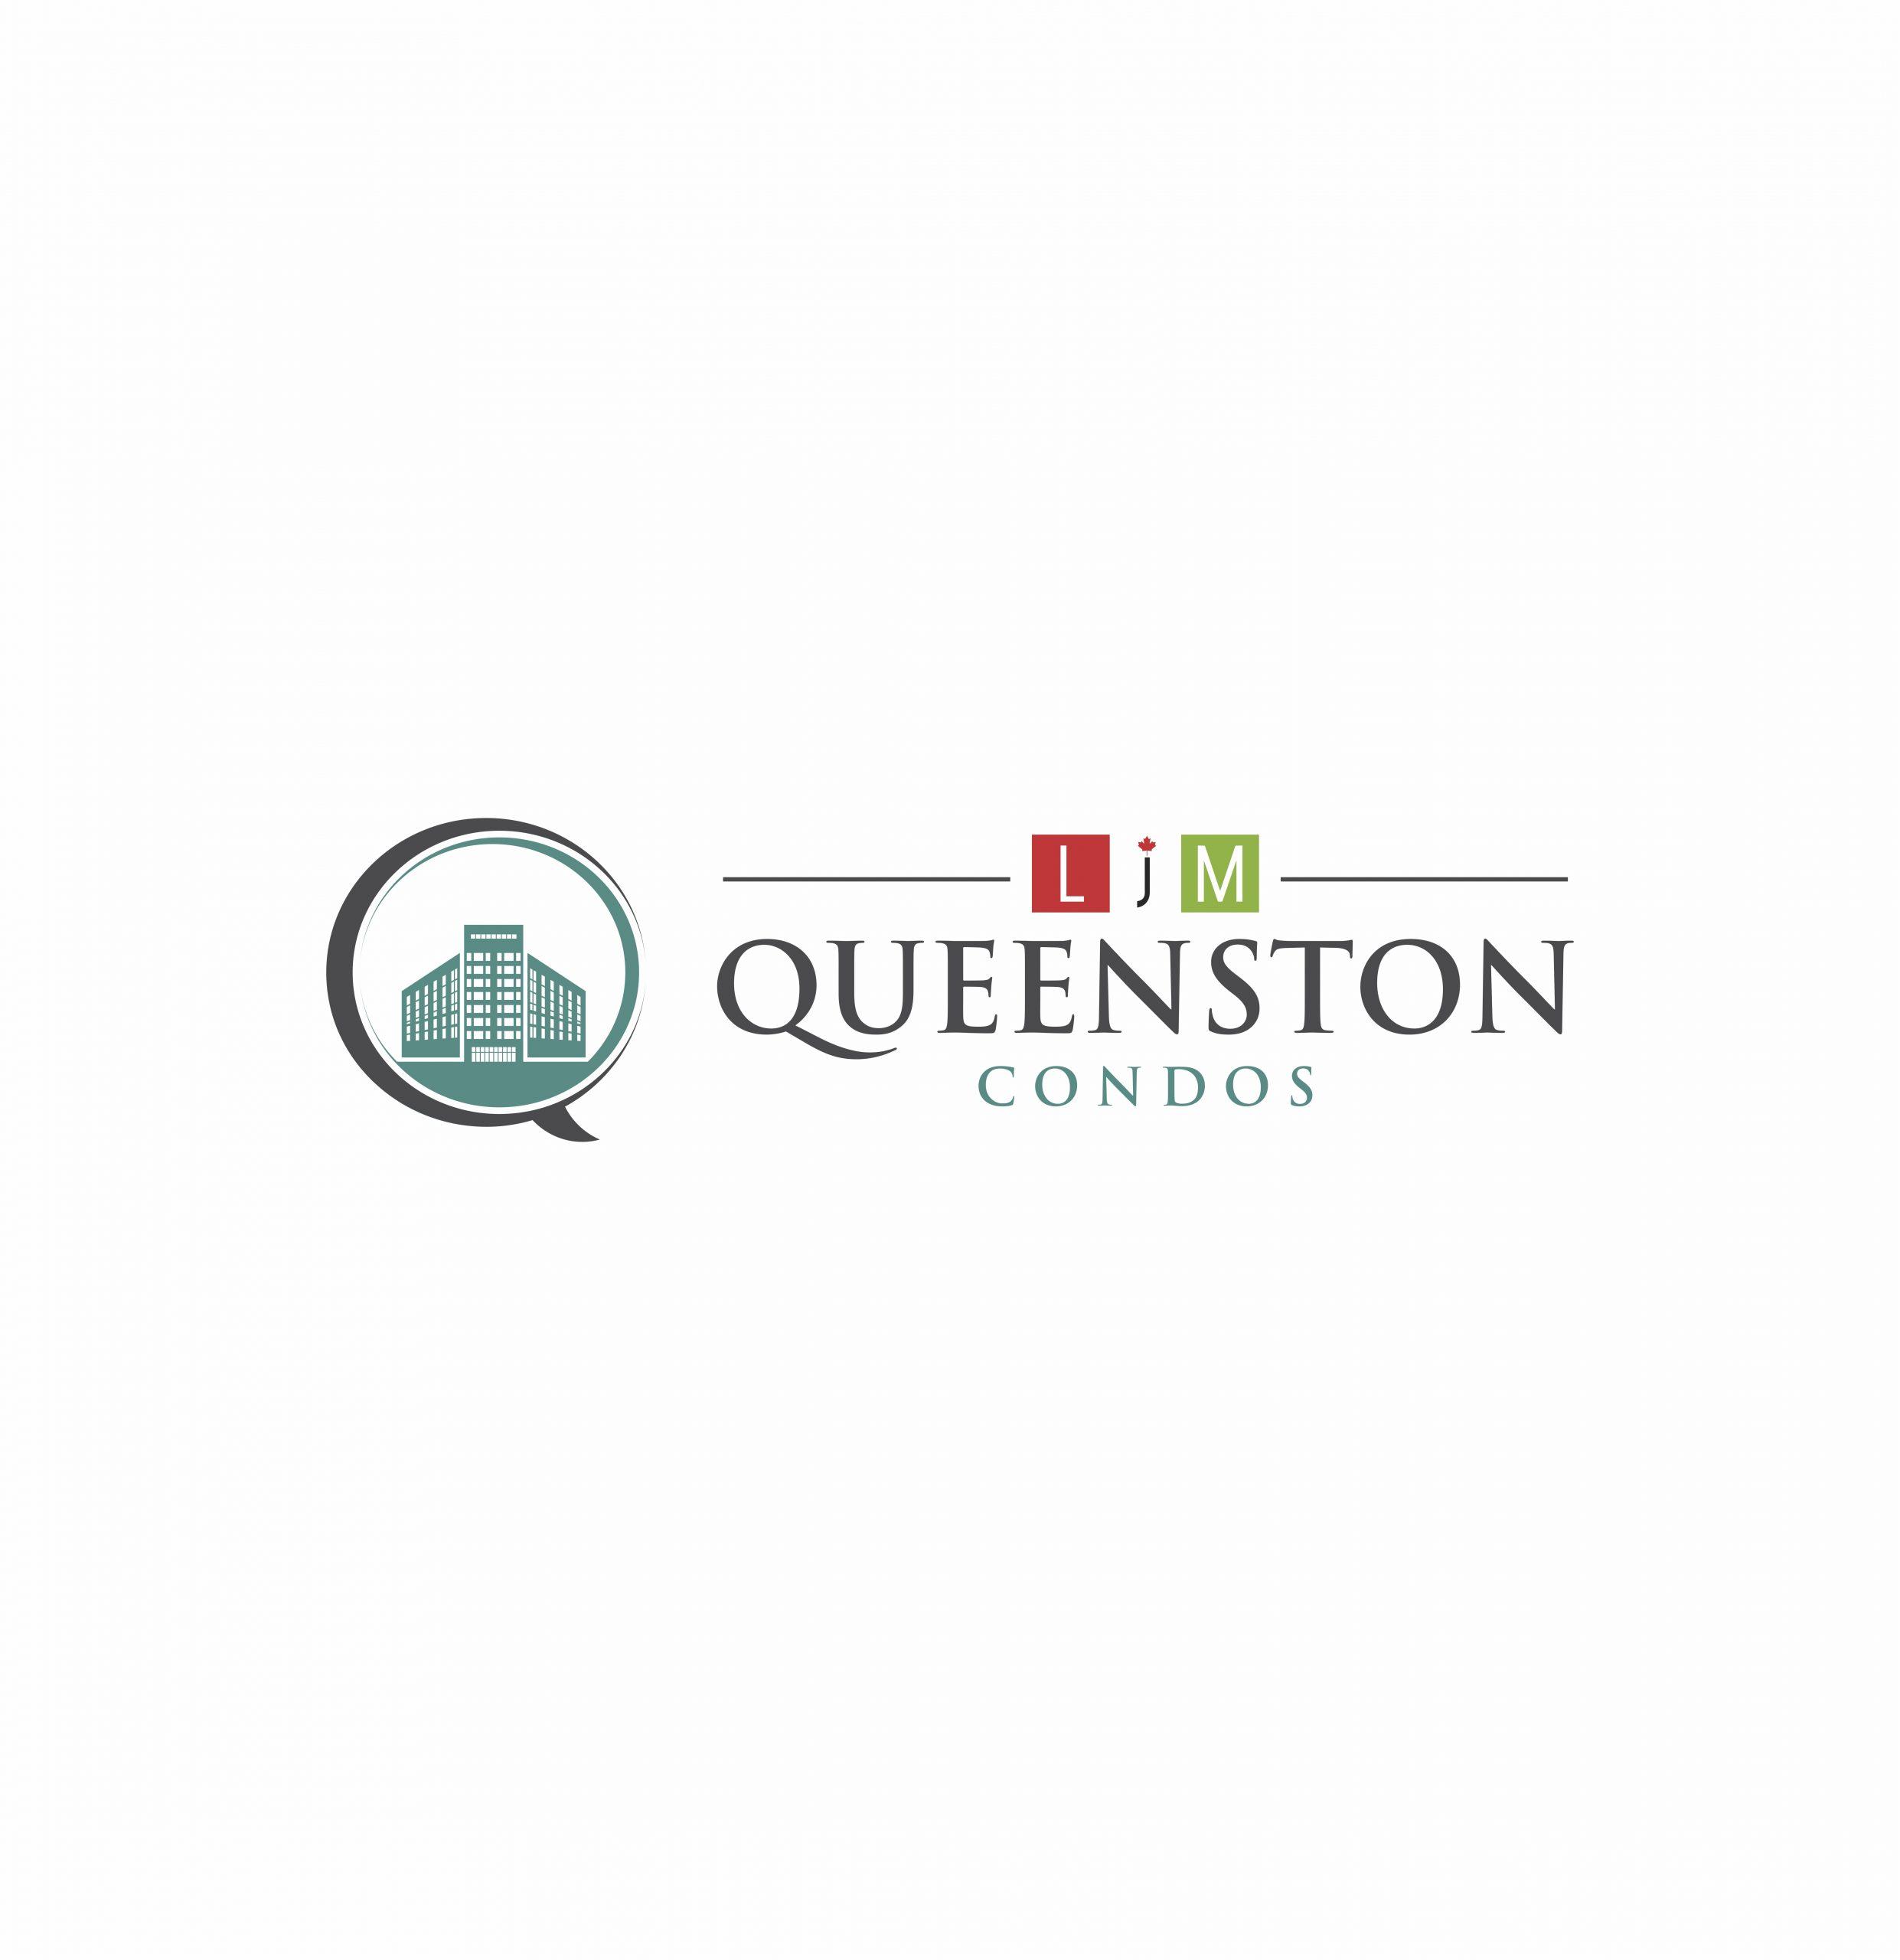 LJM Queenston Condos